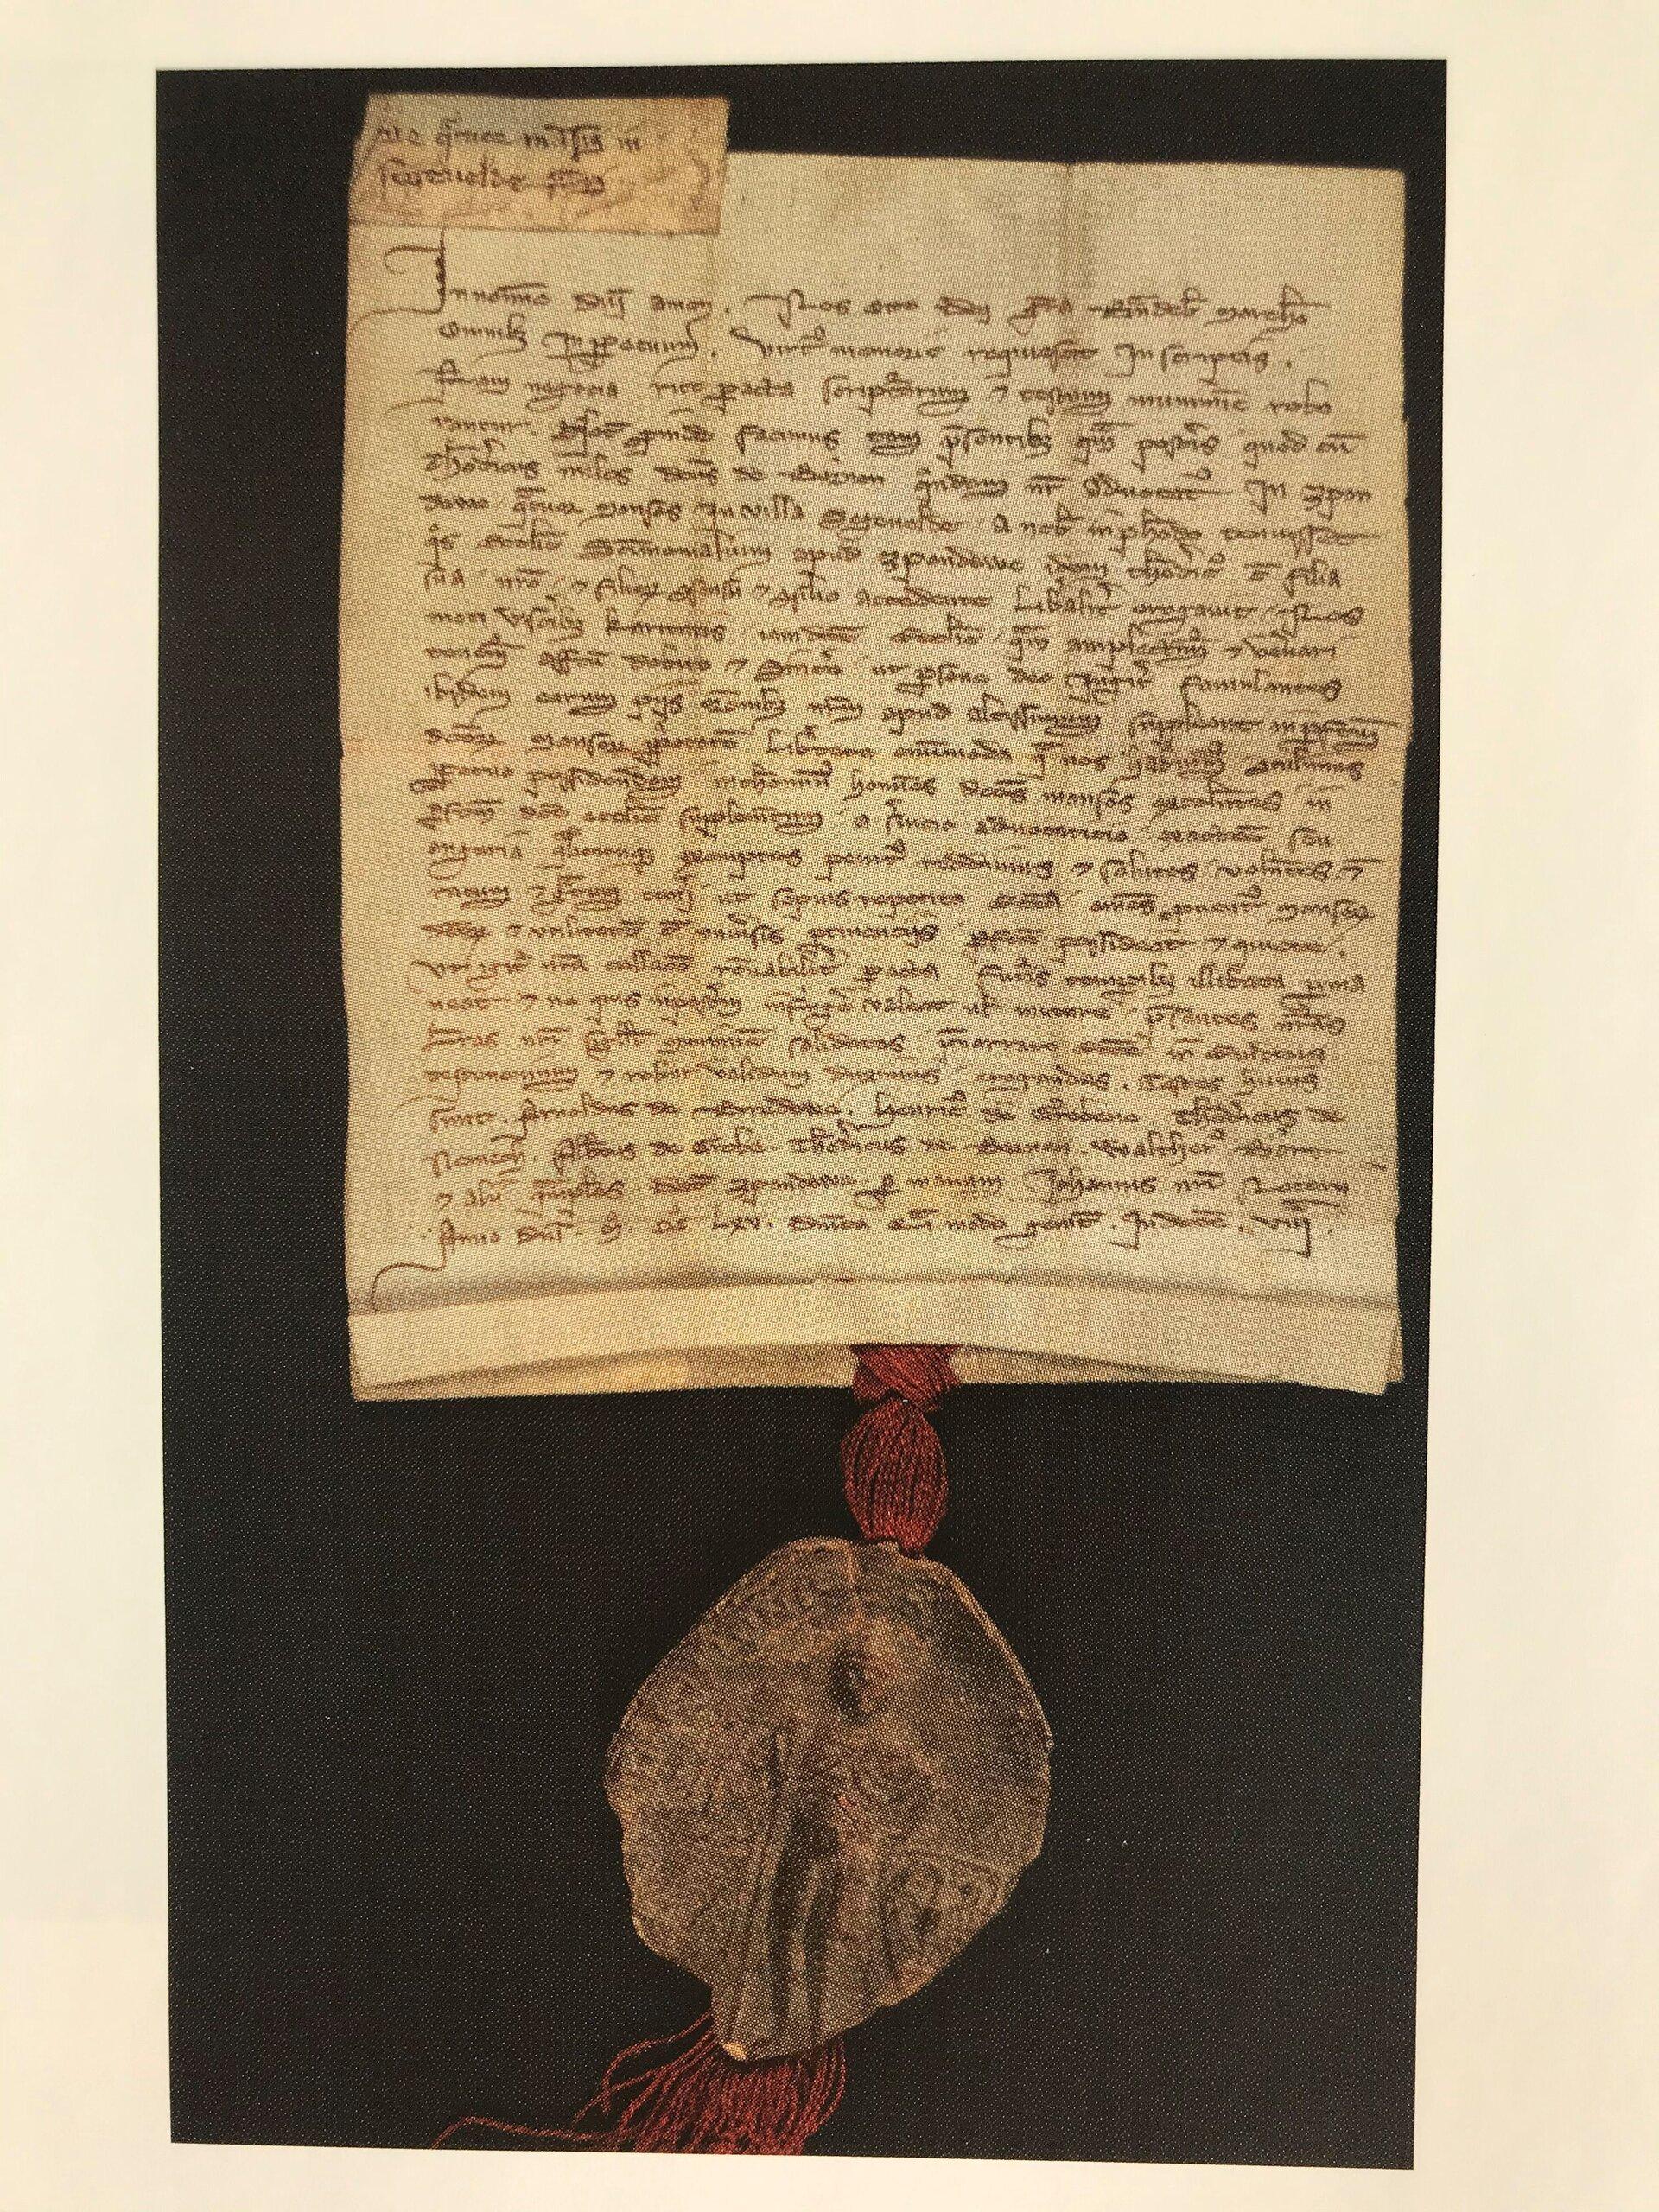 Erste urkundliche Erwähnung Seegefelds - Quelle: Geheimes Staatsarchiv Berlin, aus Festschrift 750 Jahre Seegefeld.